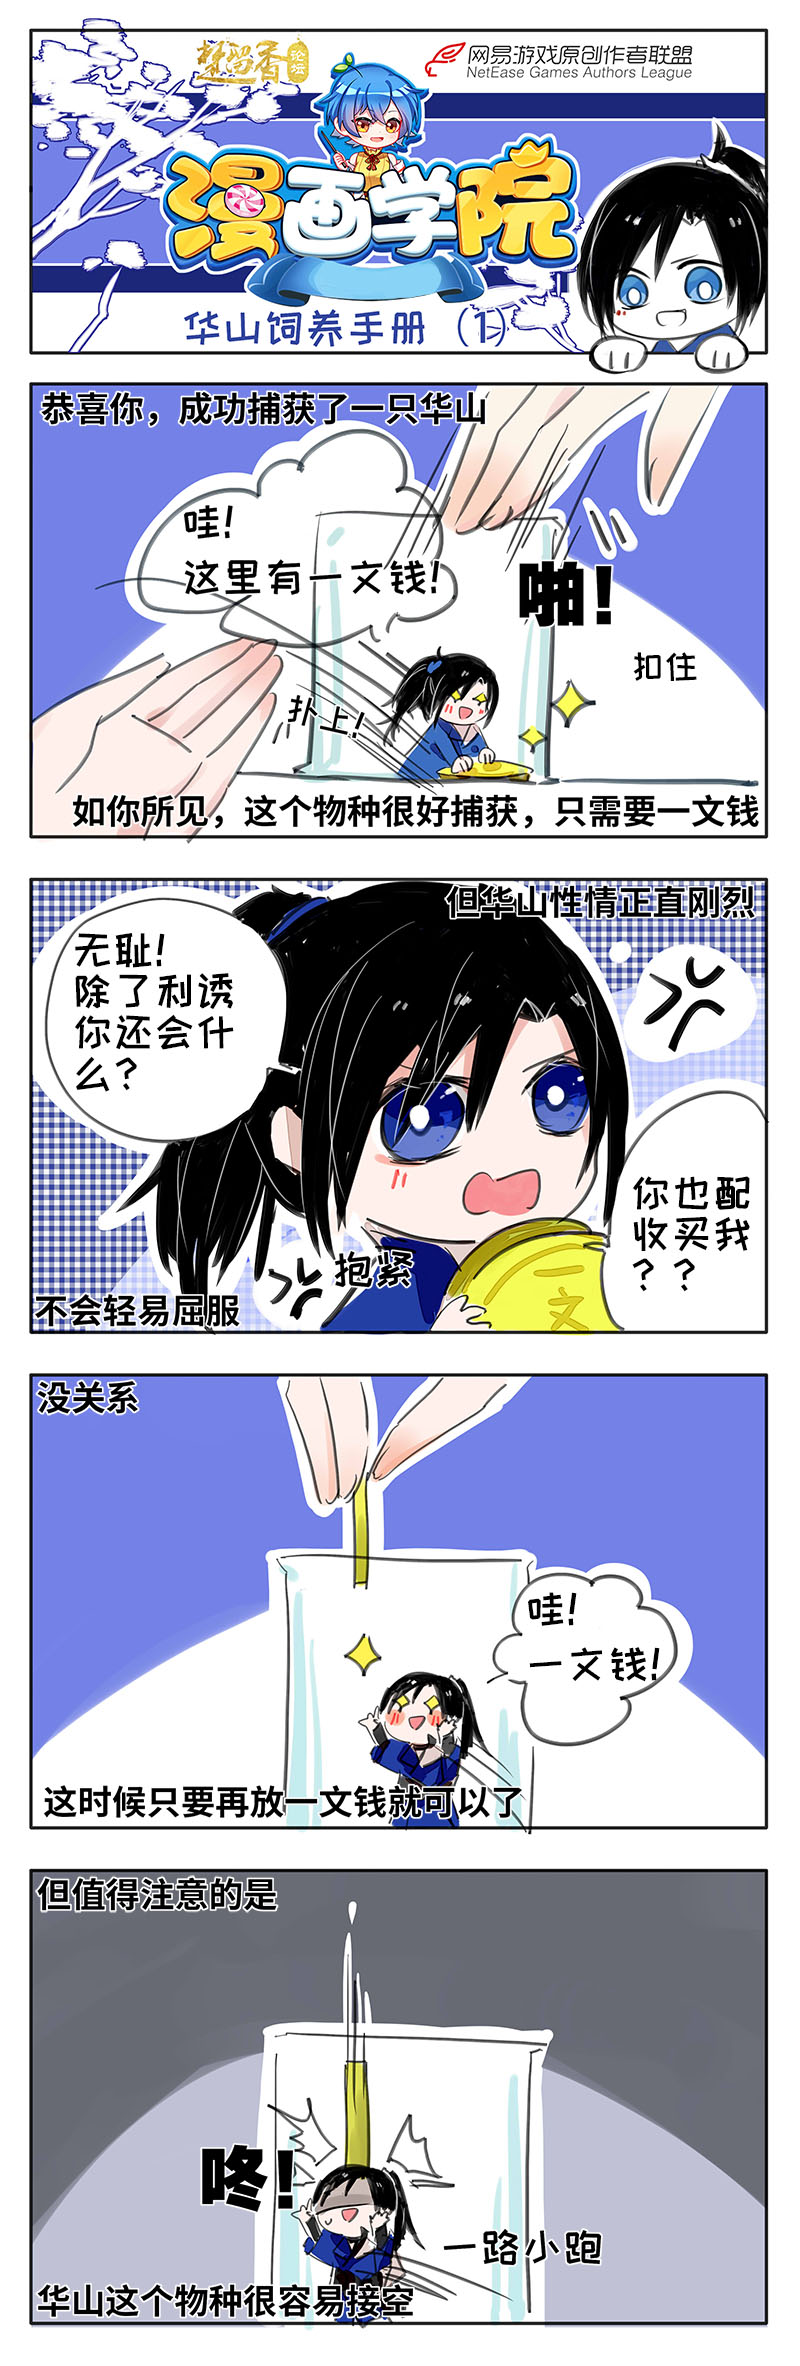 【原创作者联盟】【漫画学院】华山饲养手册!1-3!